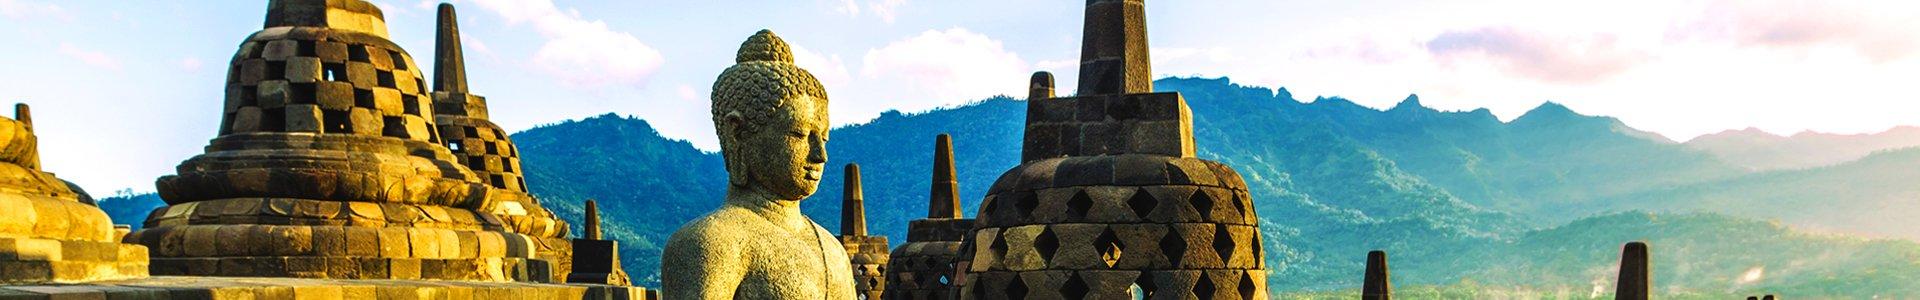 Borobudur op Java, Indonesië